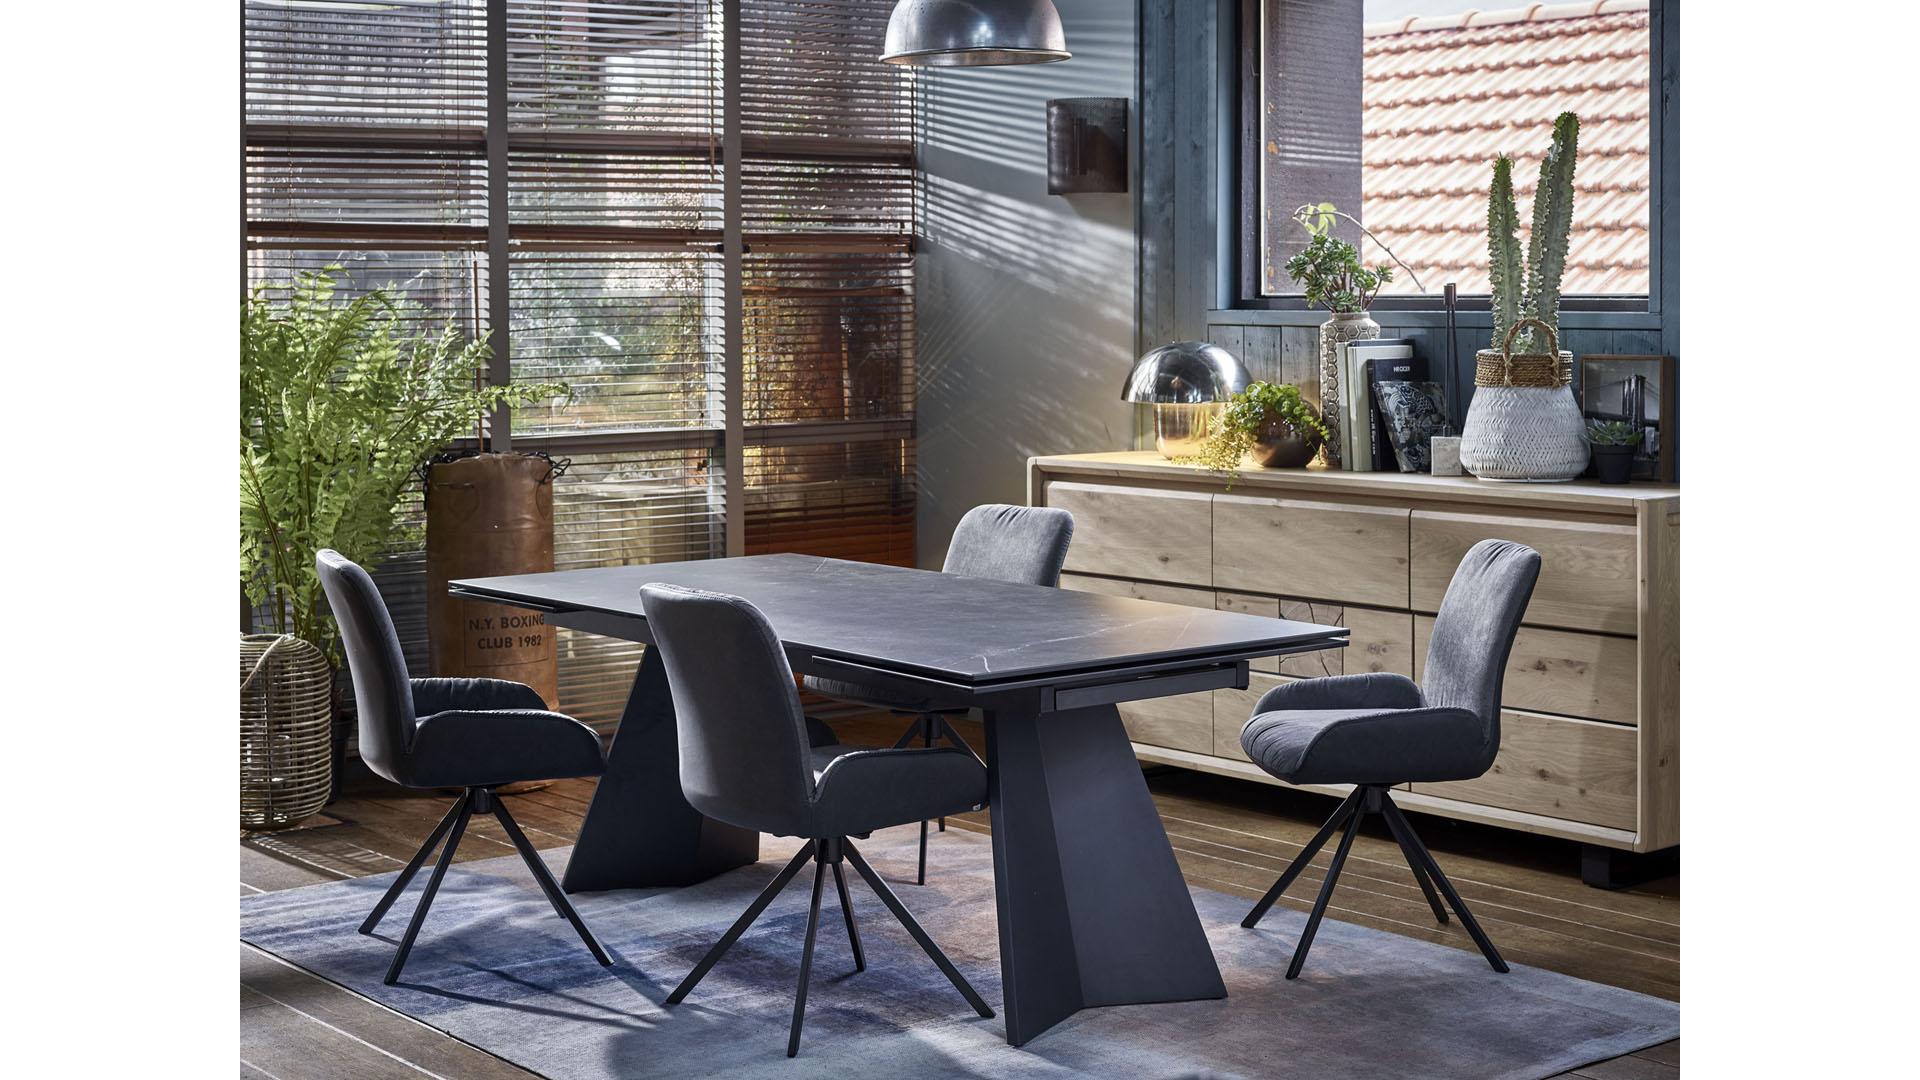 salle a manger avec table en ceramique noire ateliers de langres eden meubles gibaud